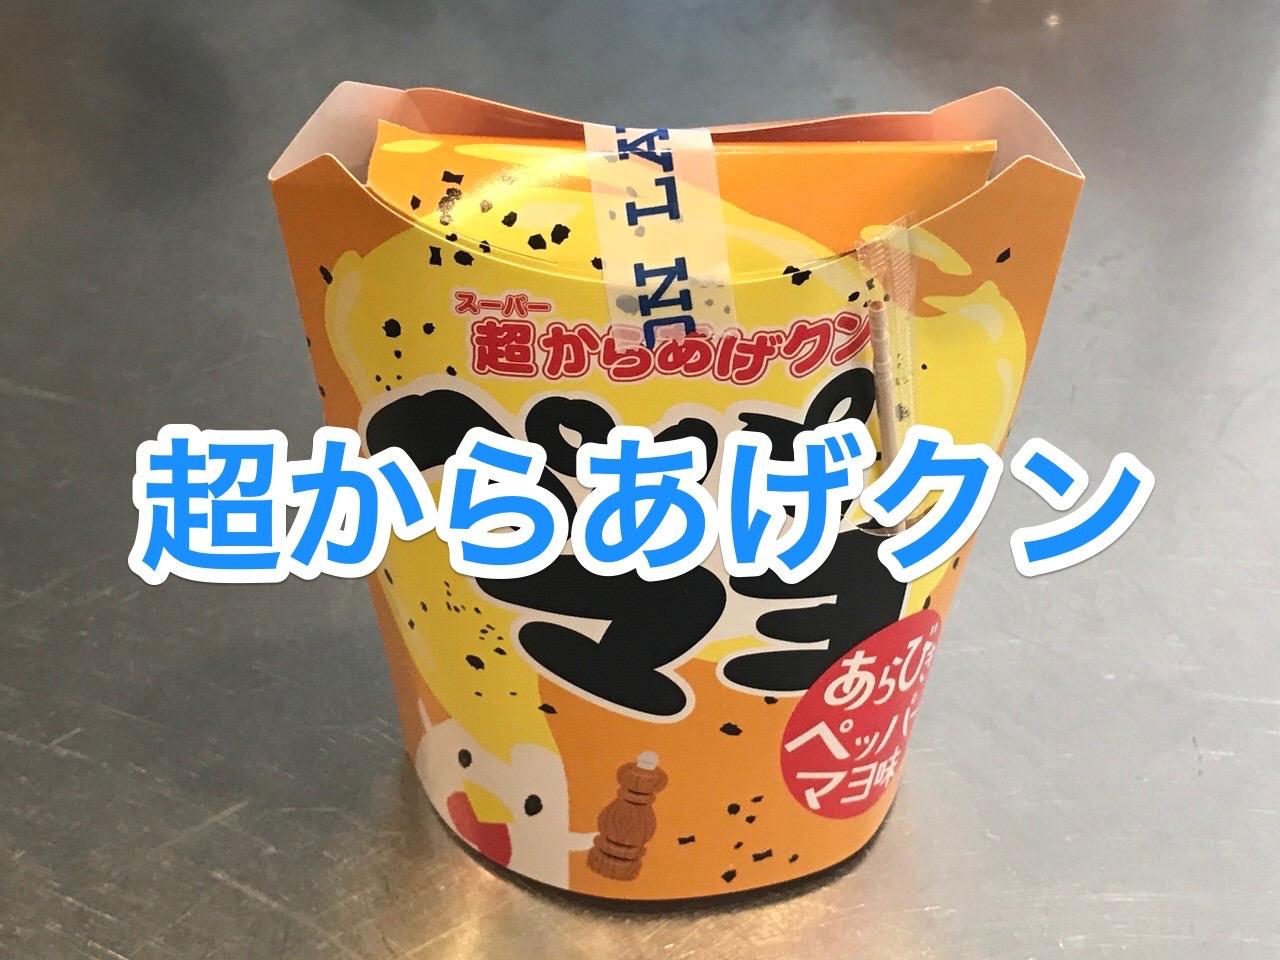 【ローソン】新技術採用「超からあげクン あらびきペッパーマヨ味」は本気でピリ辛!